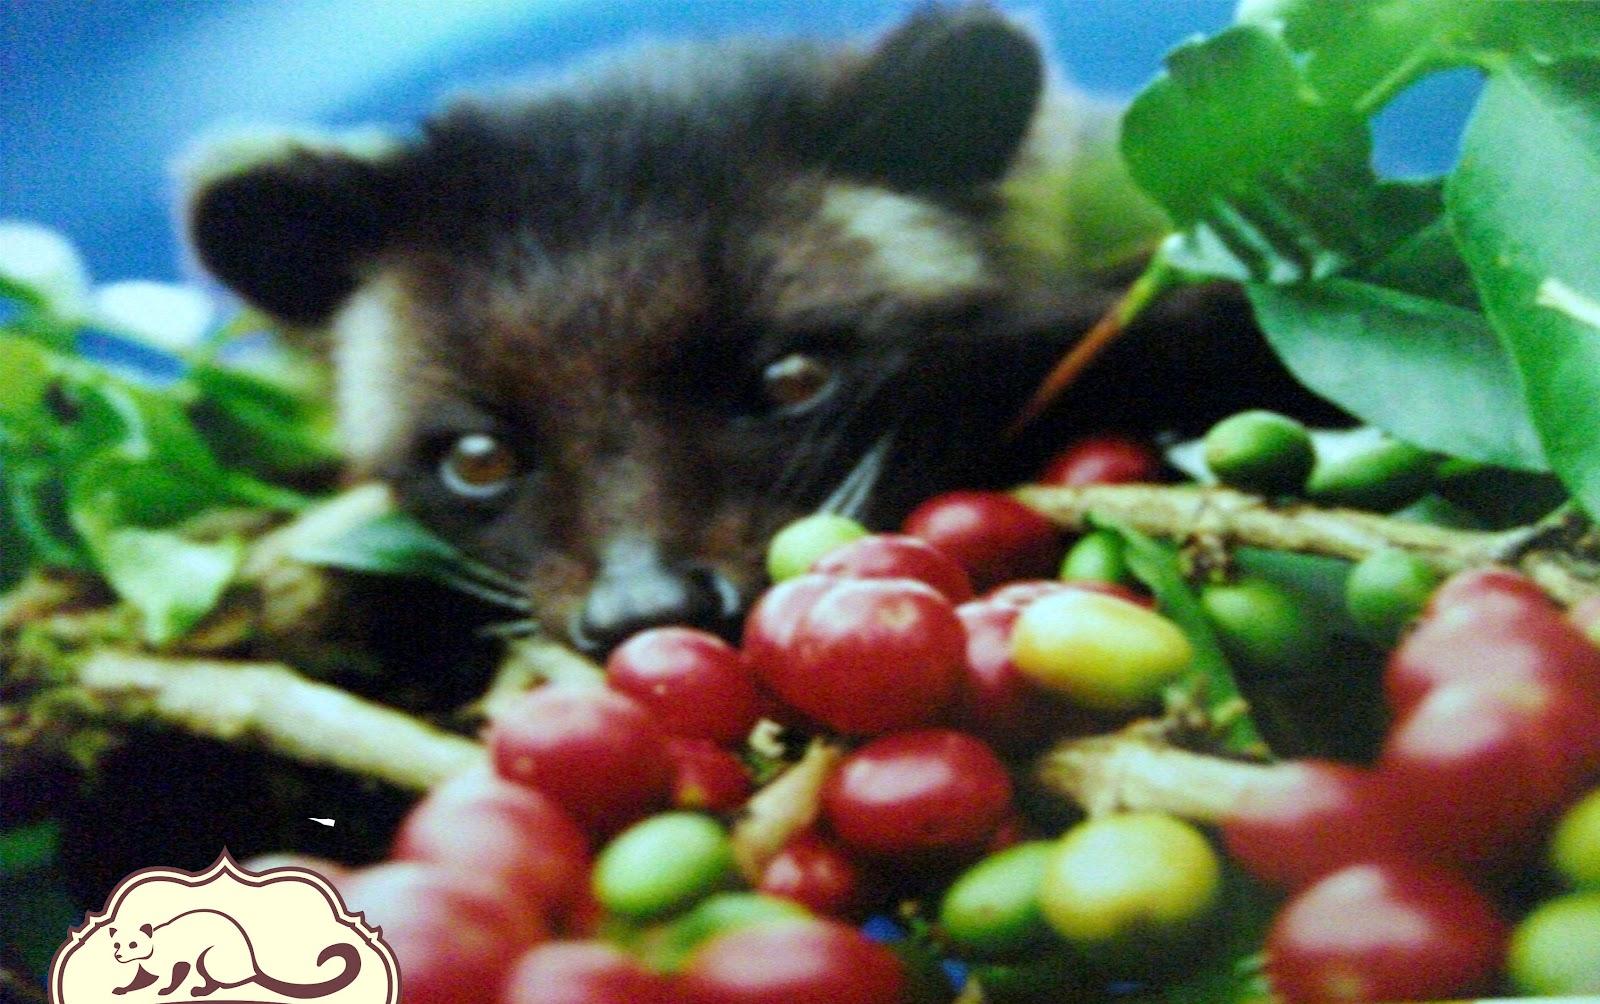 Wild Civet Coffee: About Wild Civet Coffee1600 x 1004 jpeg 307kB